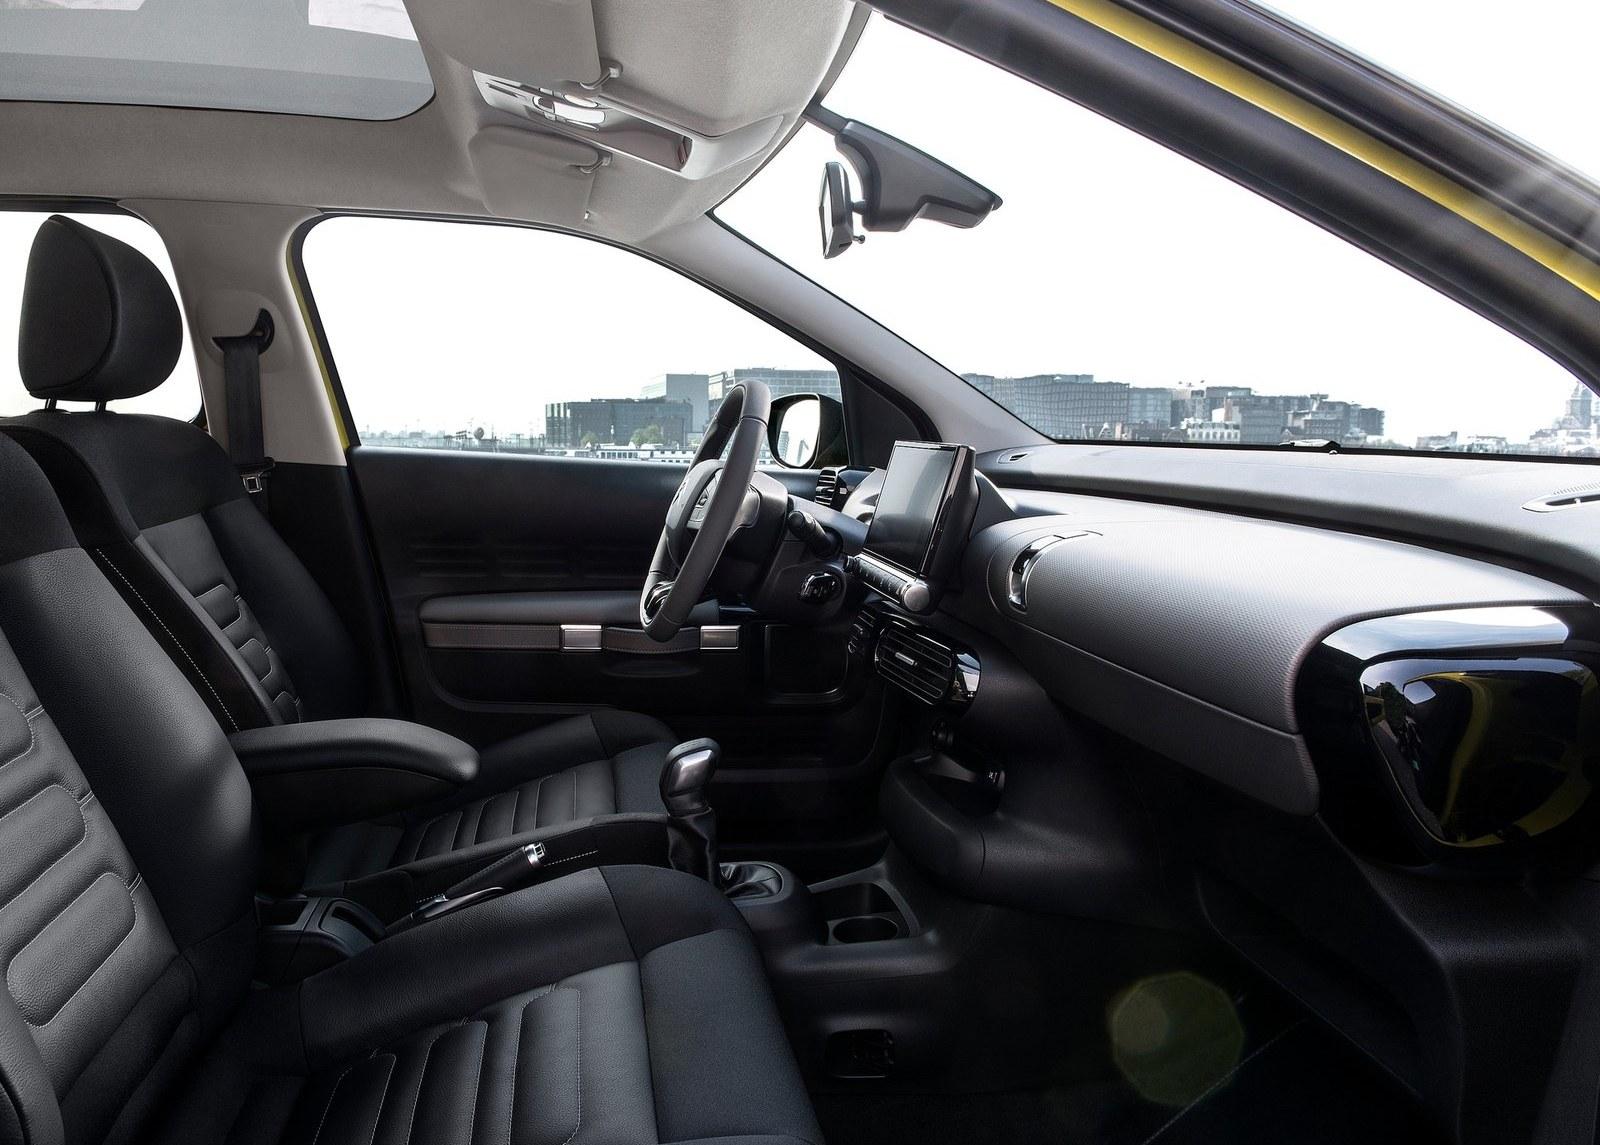 2015 Citroen C4 Cactus Front Seats Interior (Photo 8 of 21)